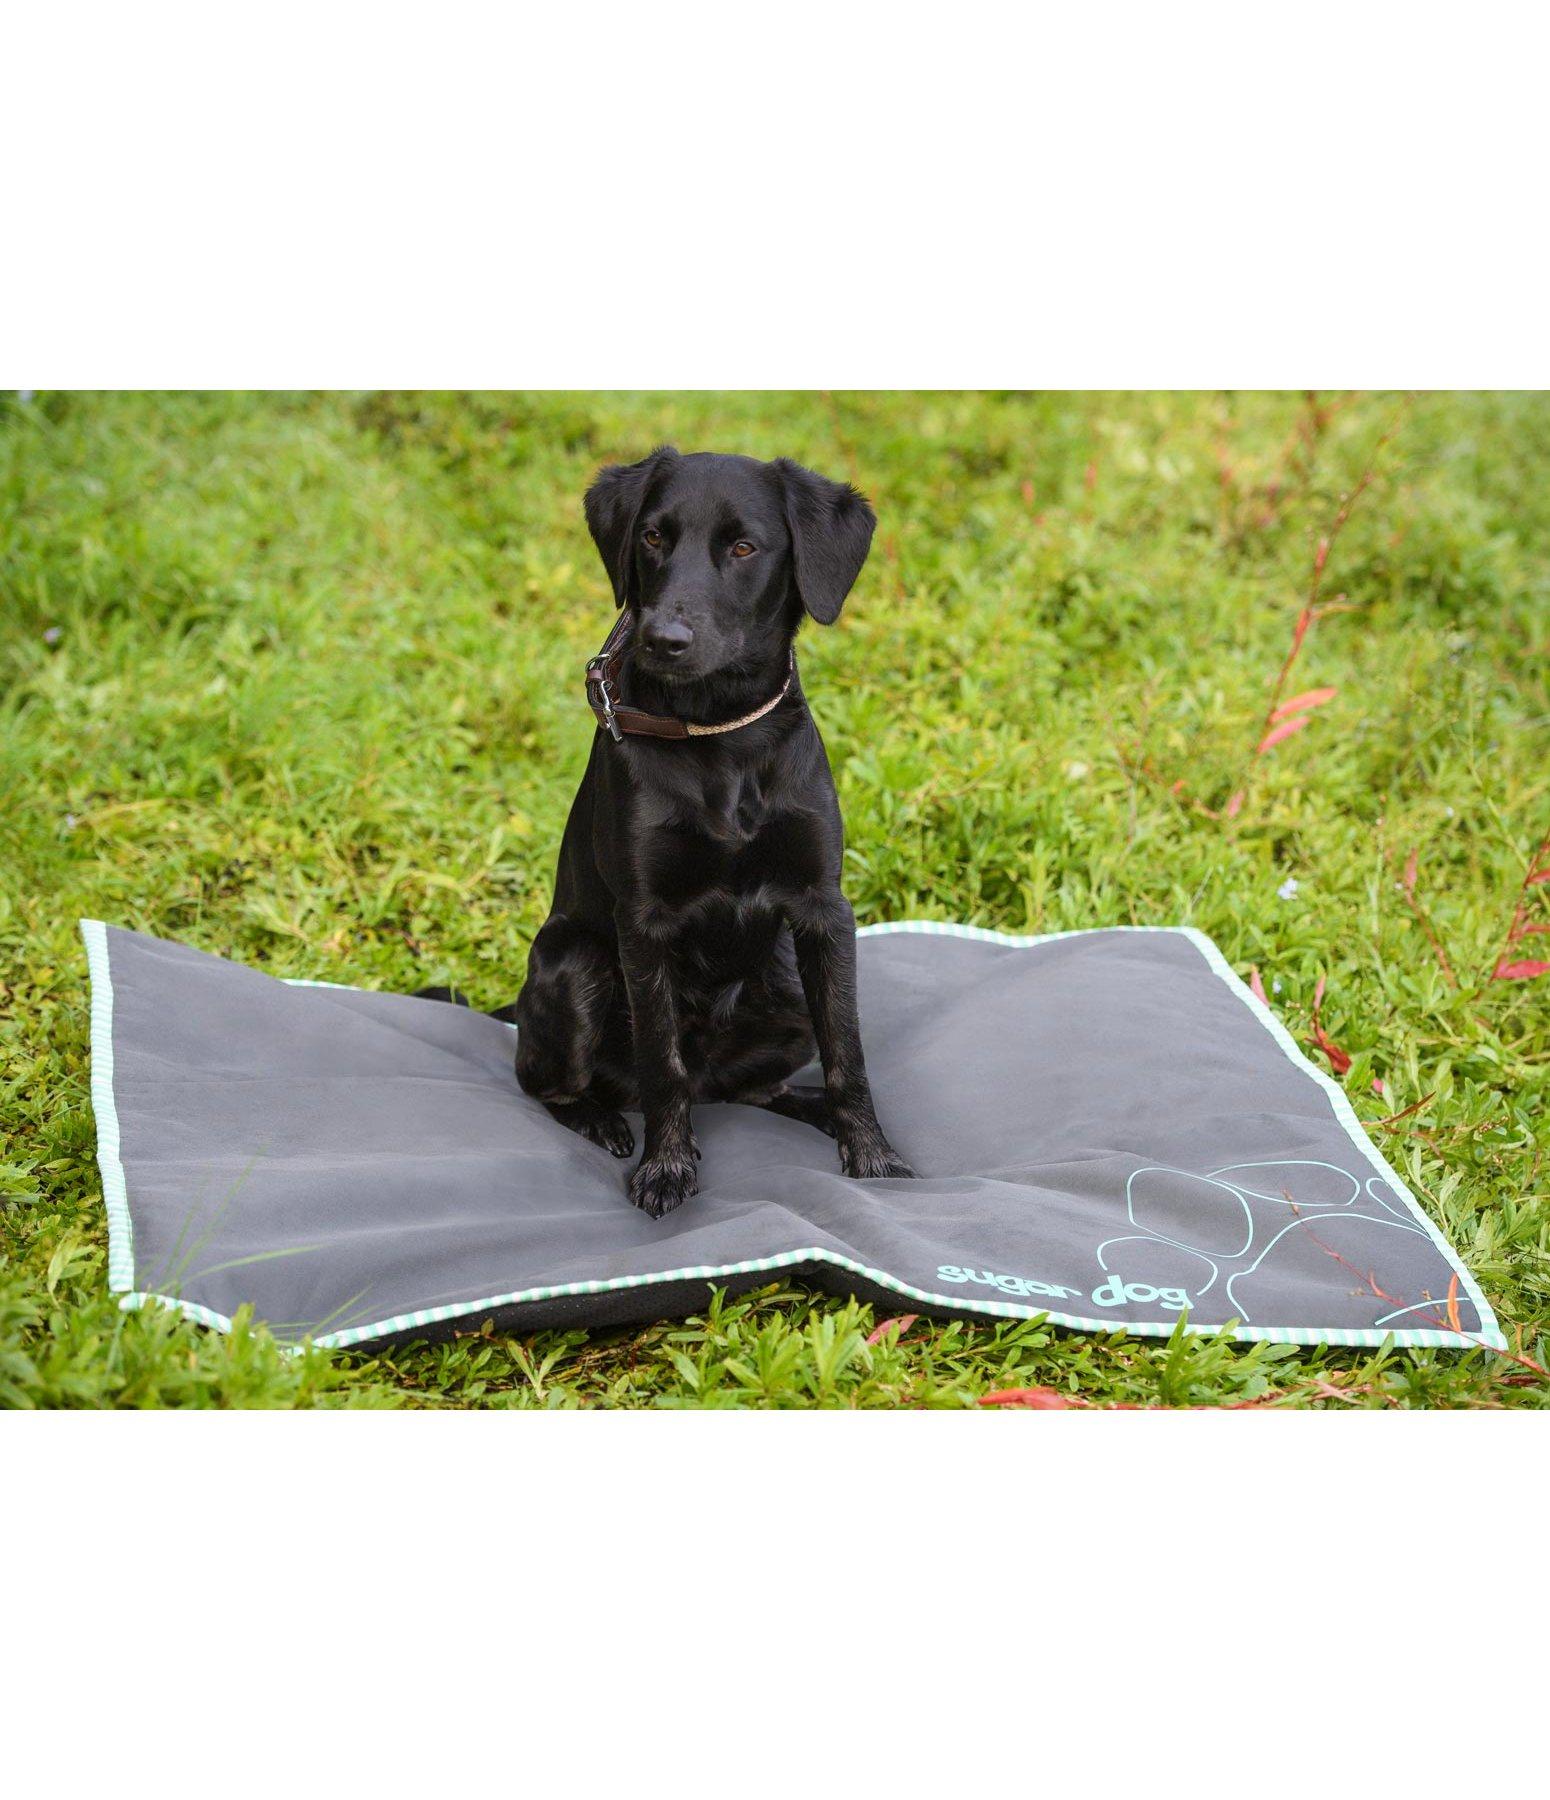 tapis de sol pour chiens carlos lits coussins kramer equitation. Black Bedroom Furniture Sets. Home Design Ideas